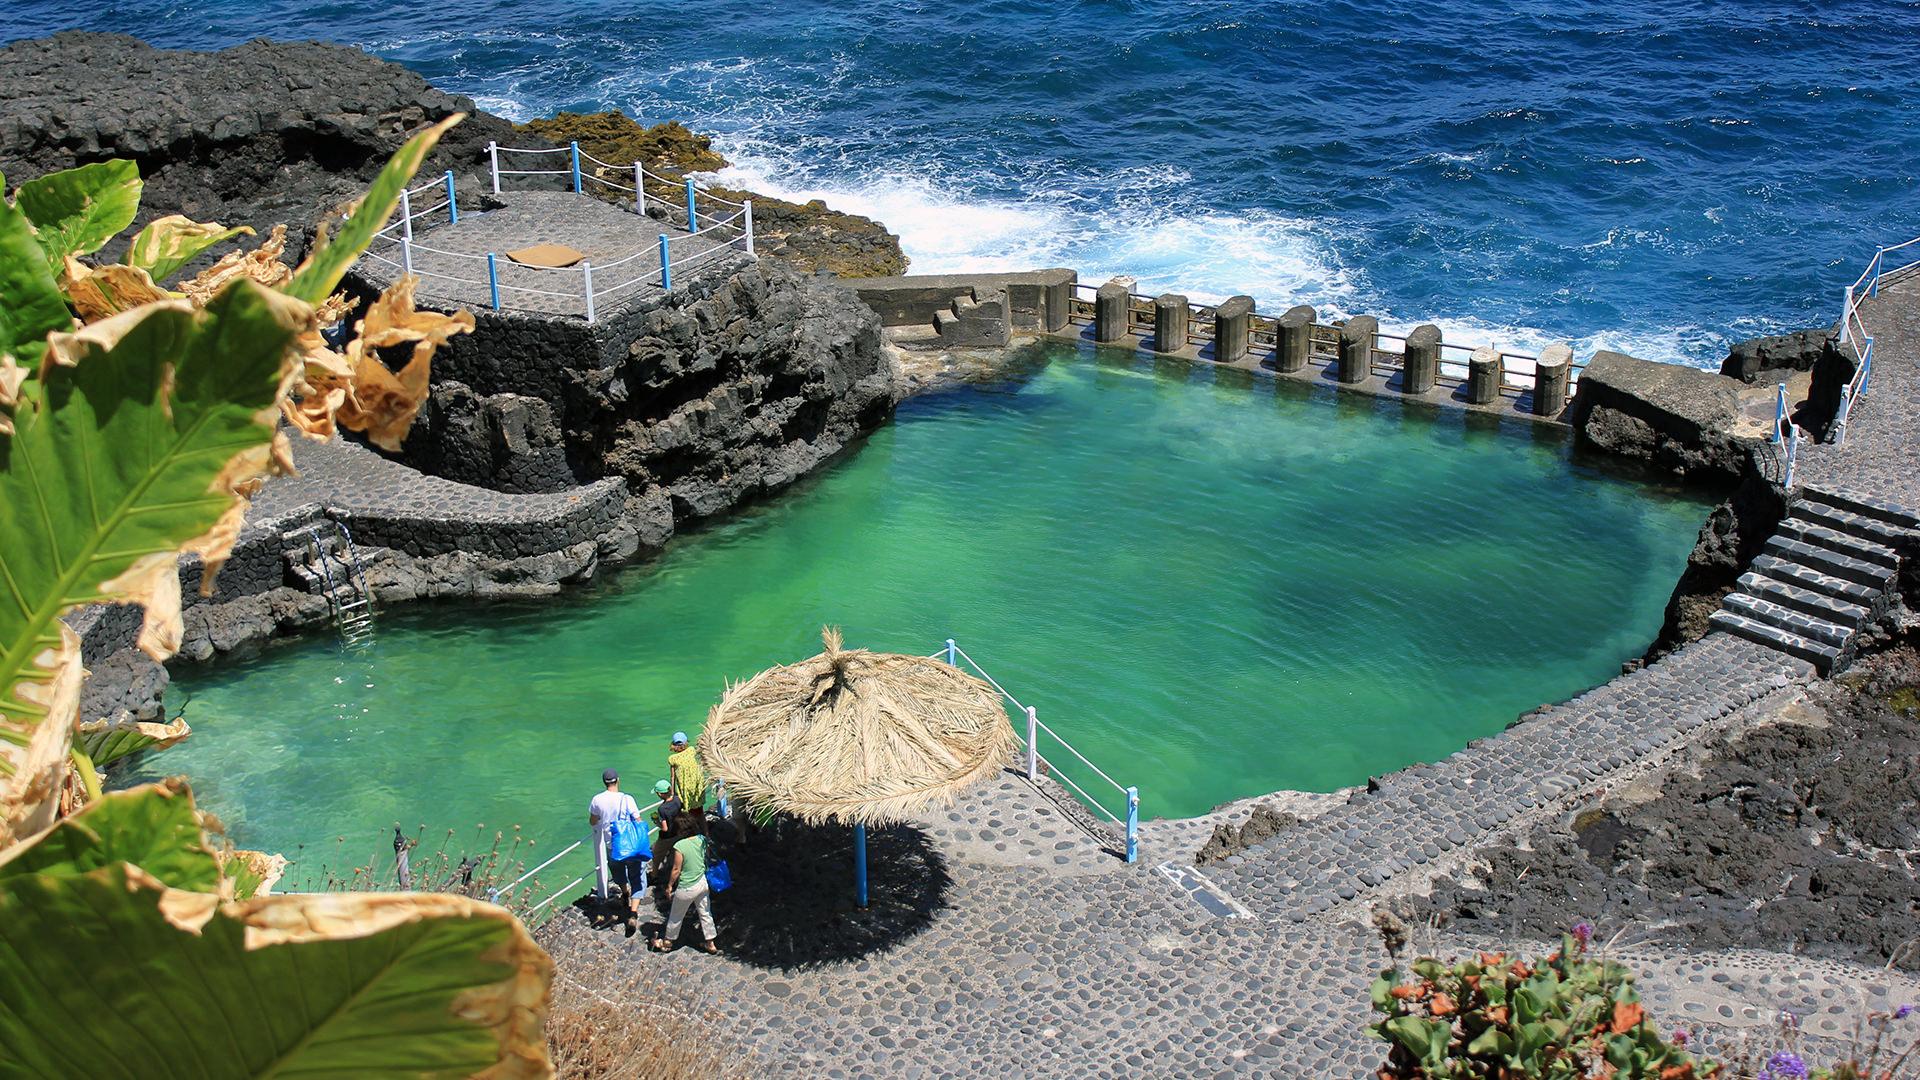 le spiaggie più belle de la Palma Canarie charco-azul